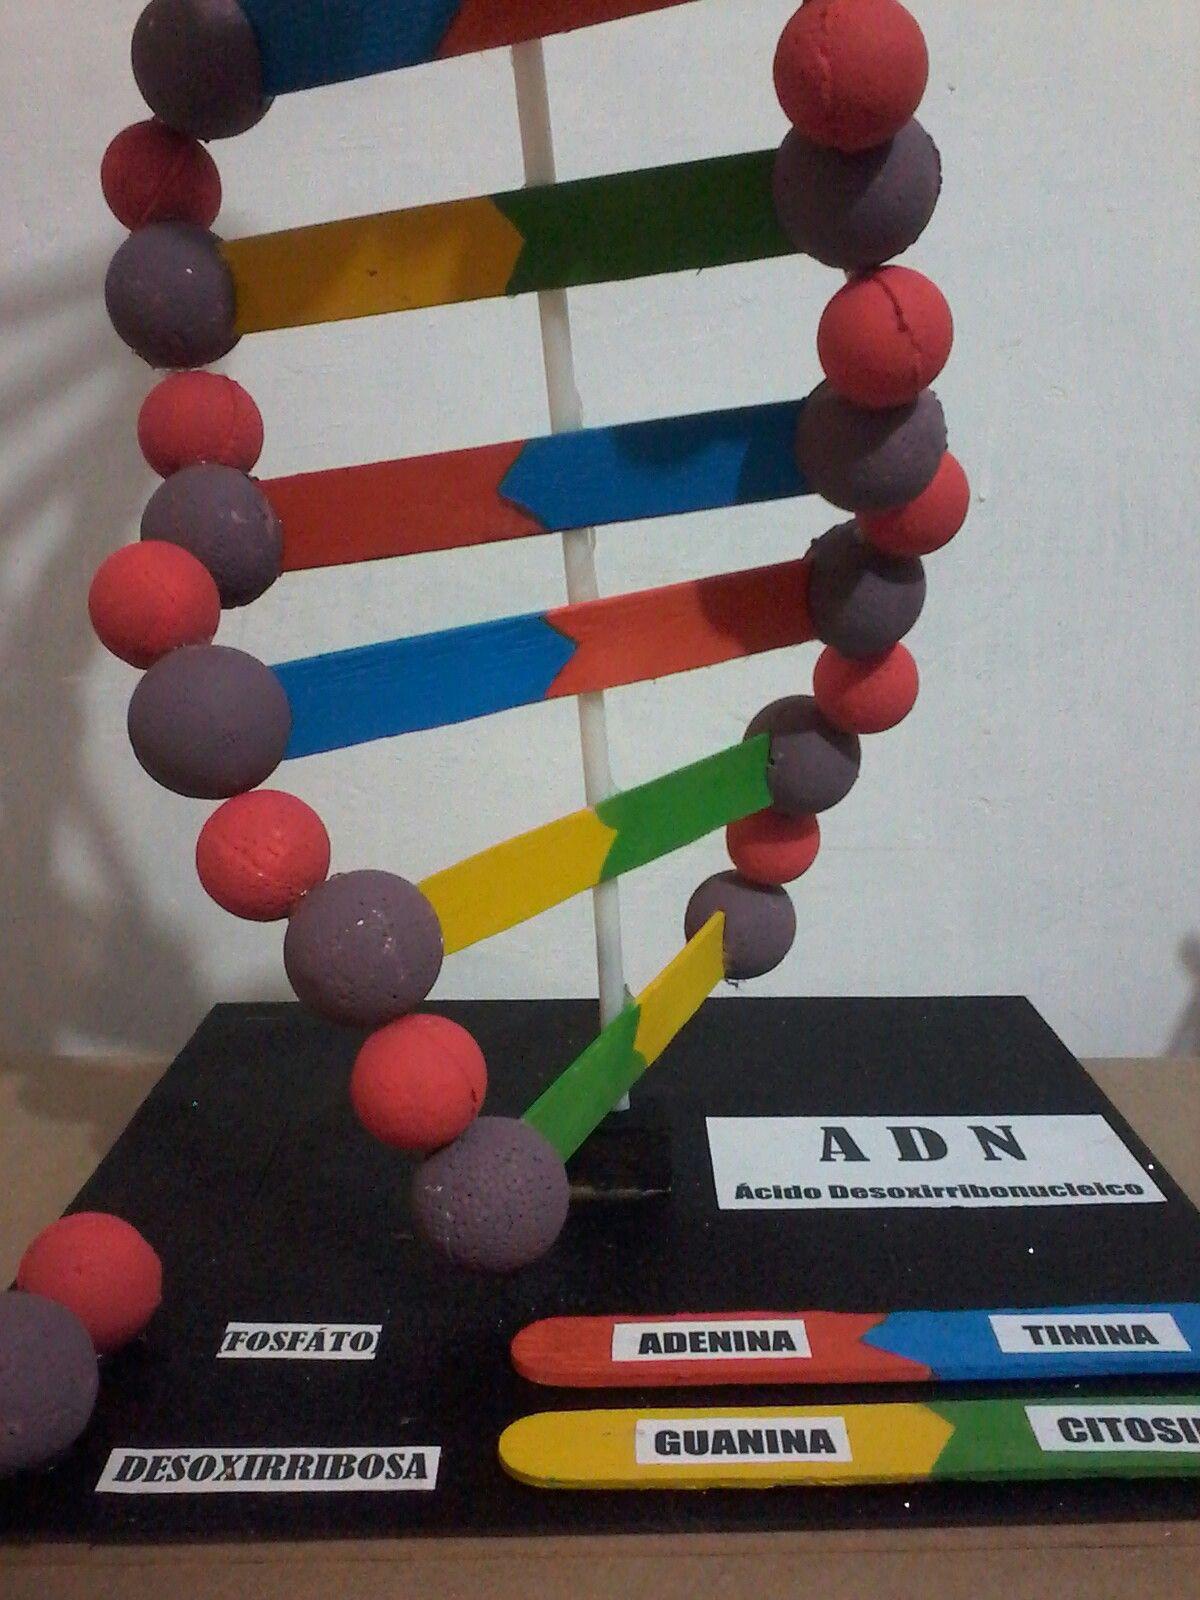 Maqueta Molecula De Escolares Maqueta AdnMaquetas 8wn0kXZOPN